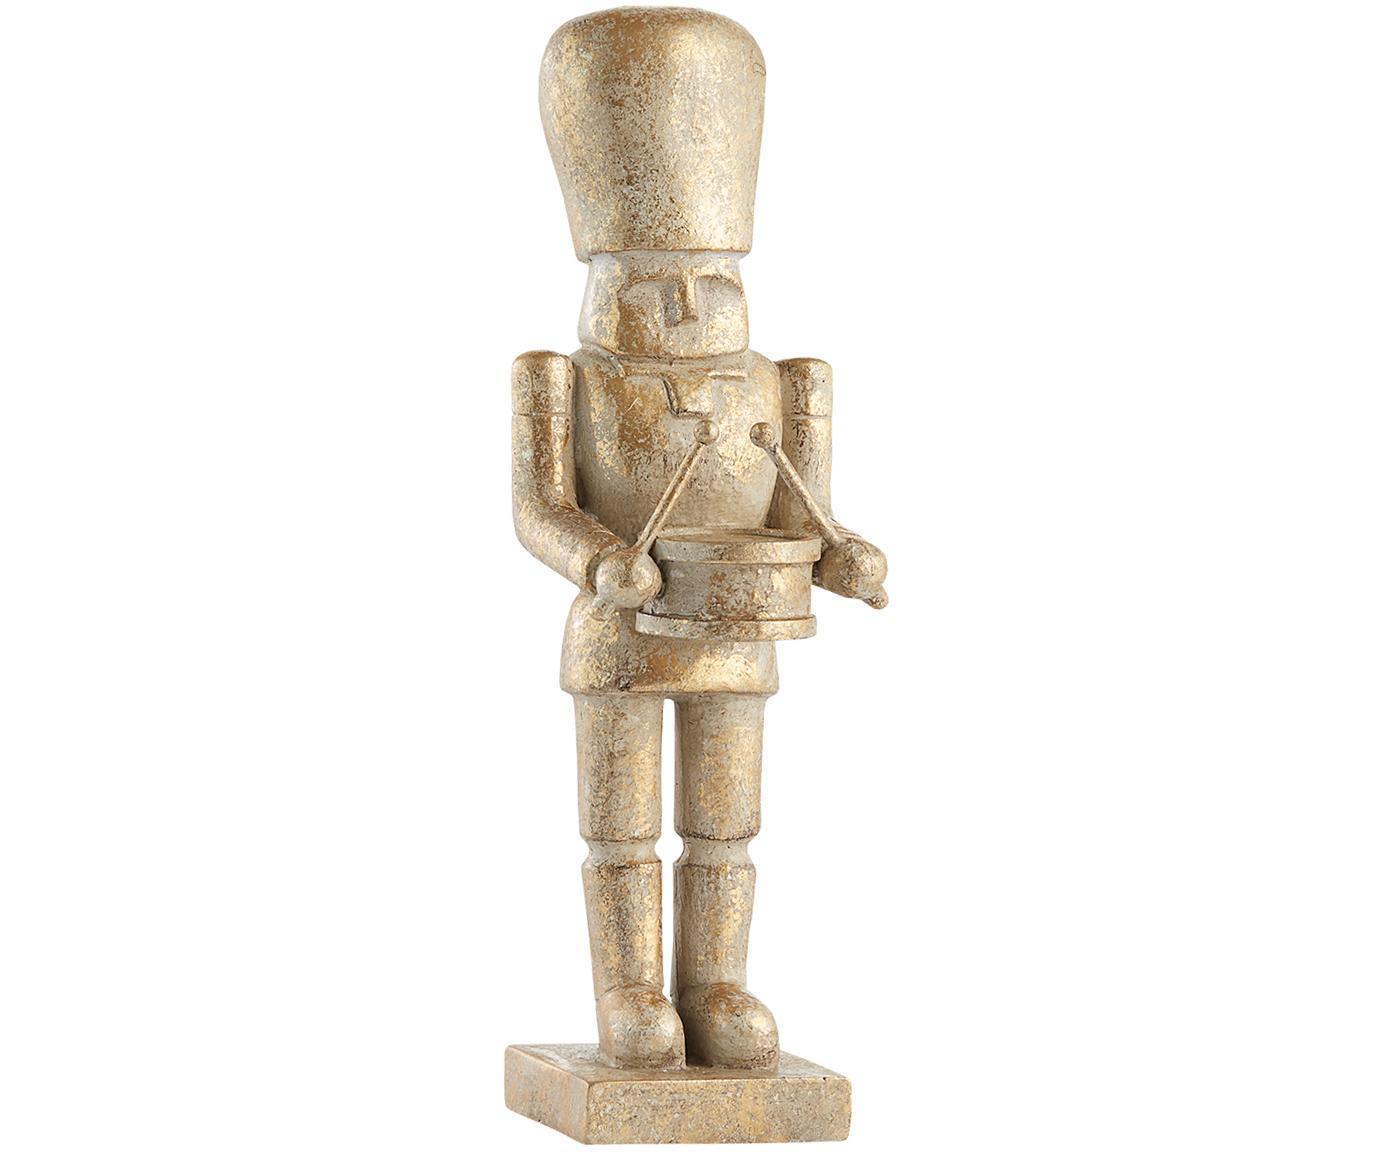 Dekoracja Drummer, Poliresing, Odcienie złotego, Ø 7 x W 23 cm